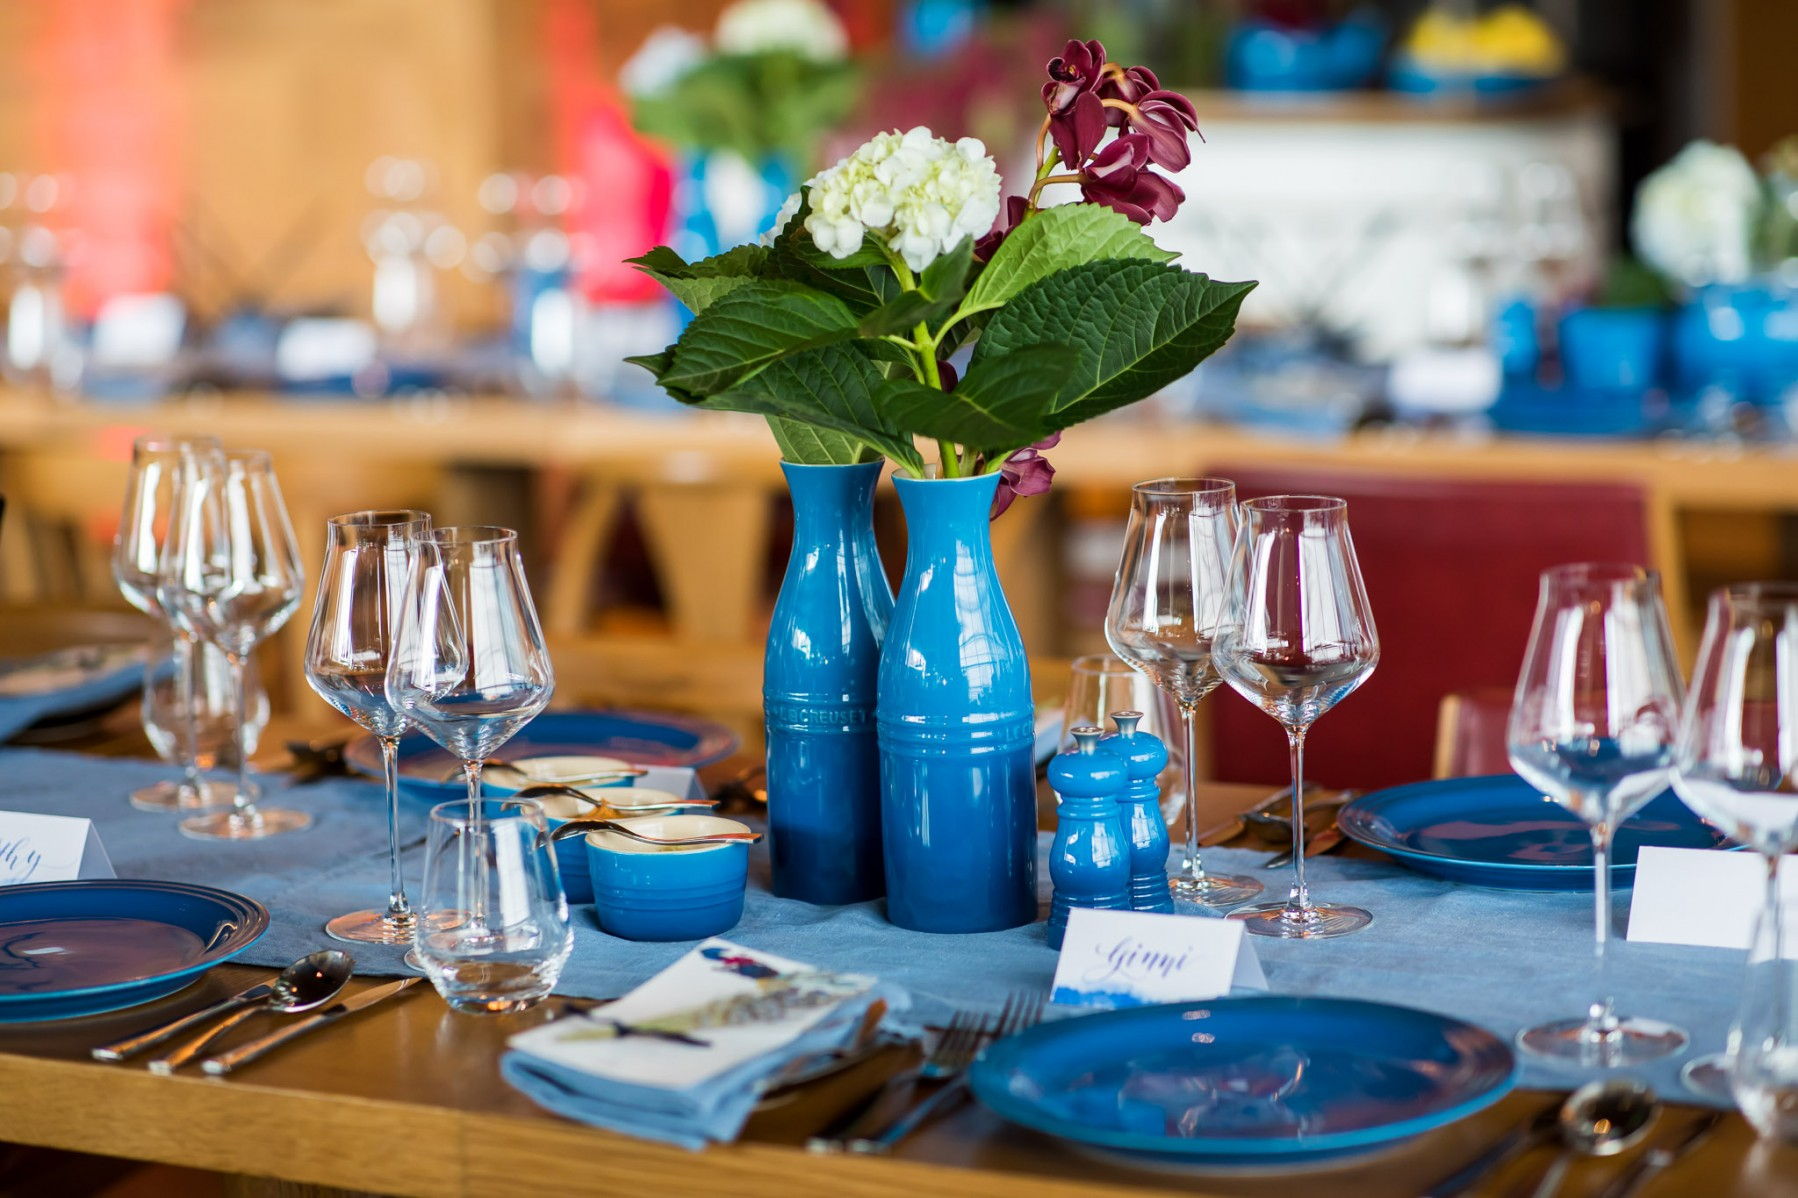 Sofitel-Sydney-Darling-Harbour-Culinary-4b.jpg